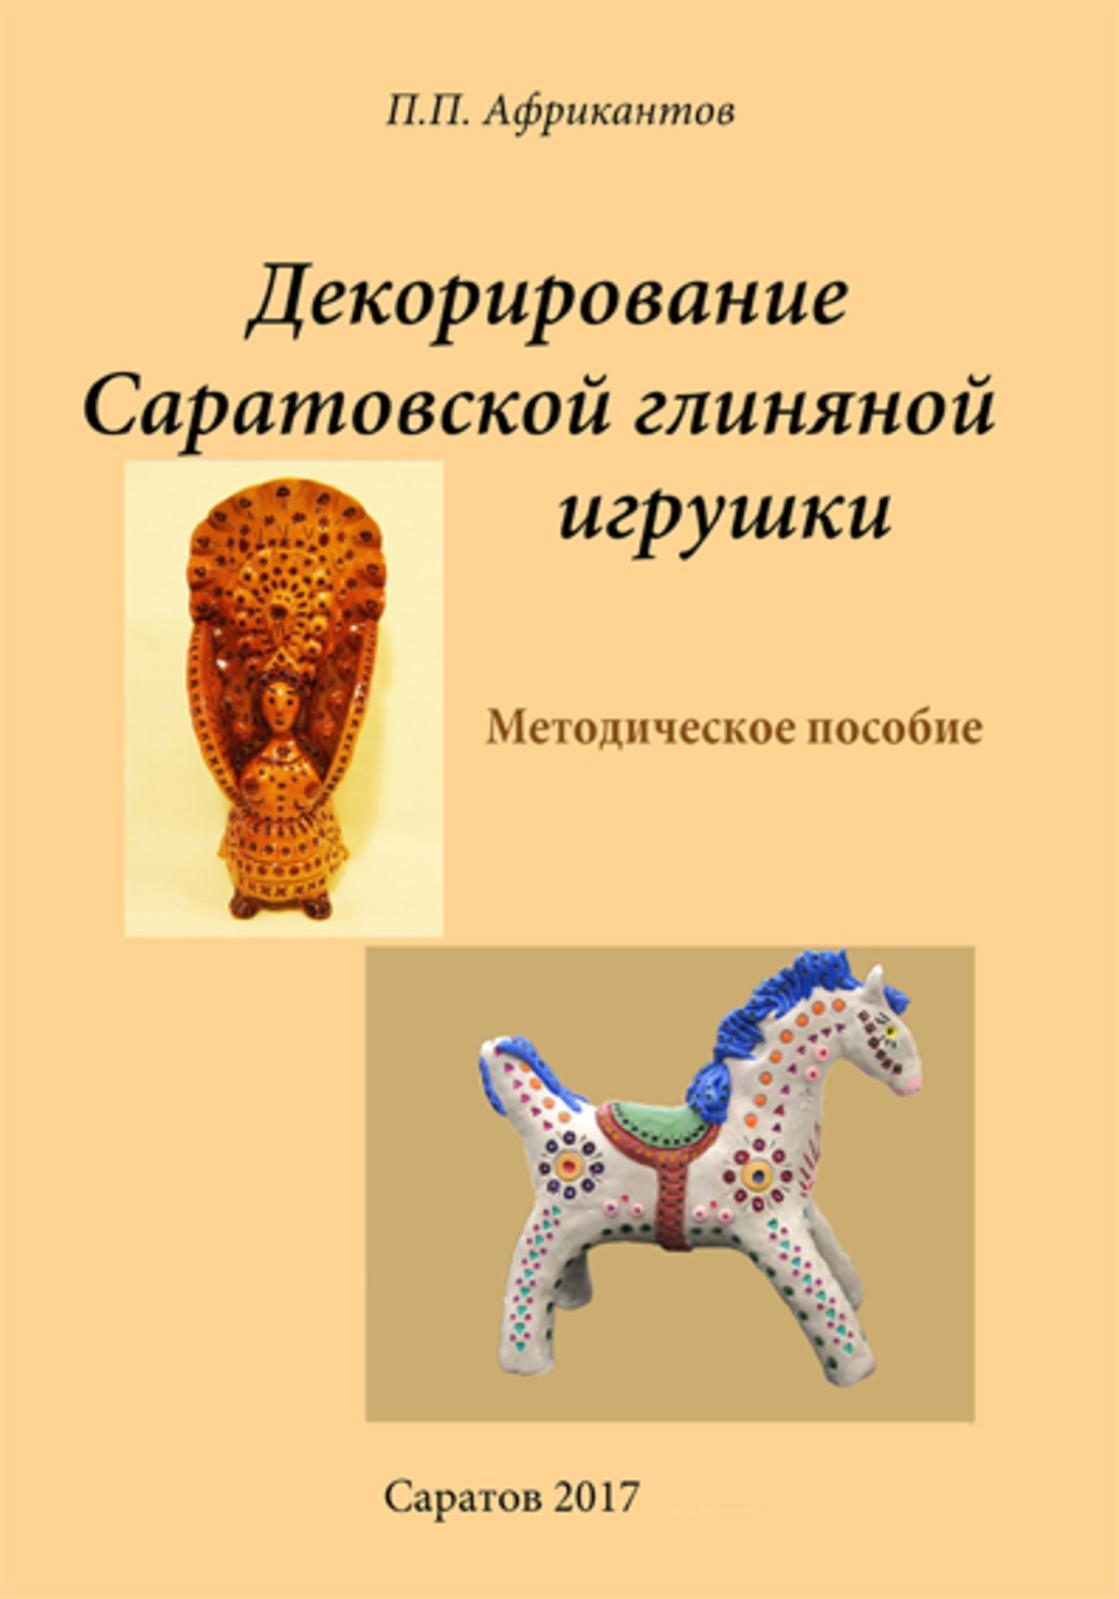 Африкантов П. П. Декорирование Саратовской глиняной игрушки. Методическое пособие